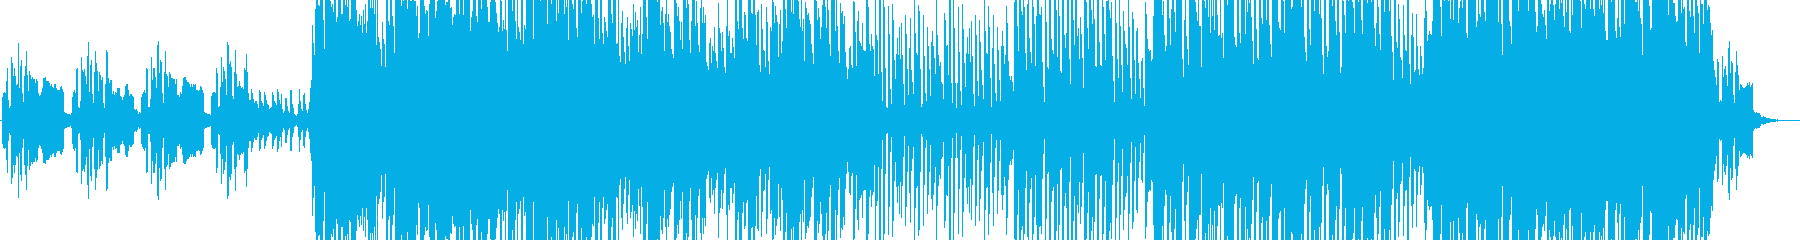 ケルト調の切ないオープニング感のある曲の再生済みの波形